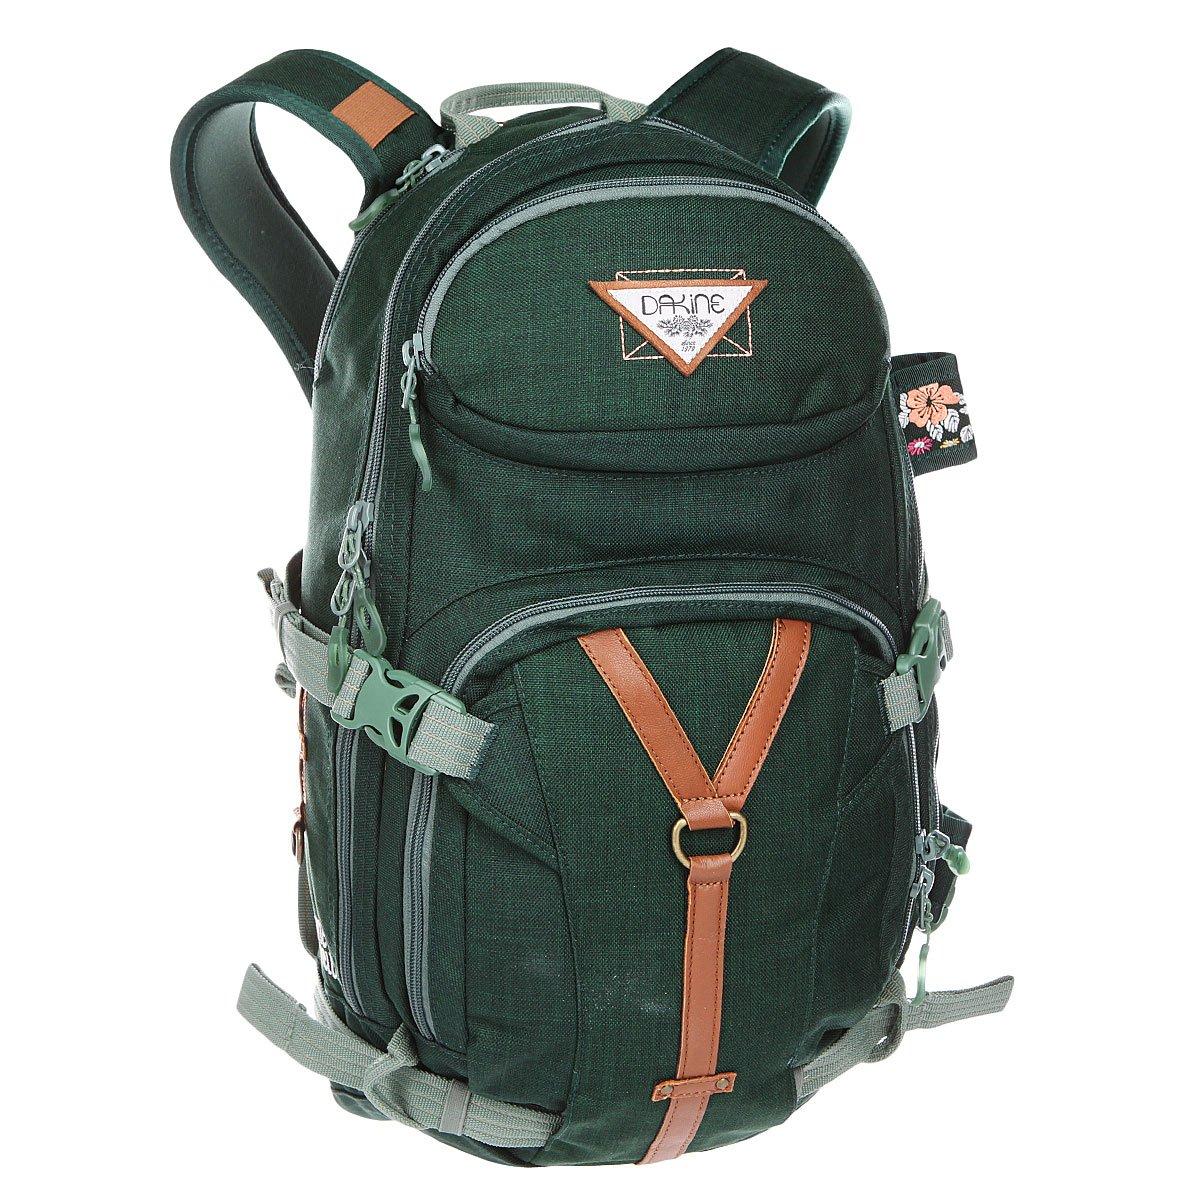 00afc668b02d Купить рюкзак школьный женский Dakine Team Heli Pro Leanne Pelosi в интернет -магазине Proskater.kz